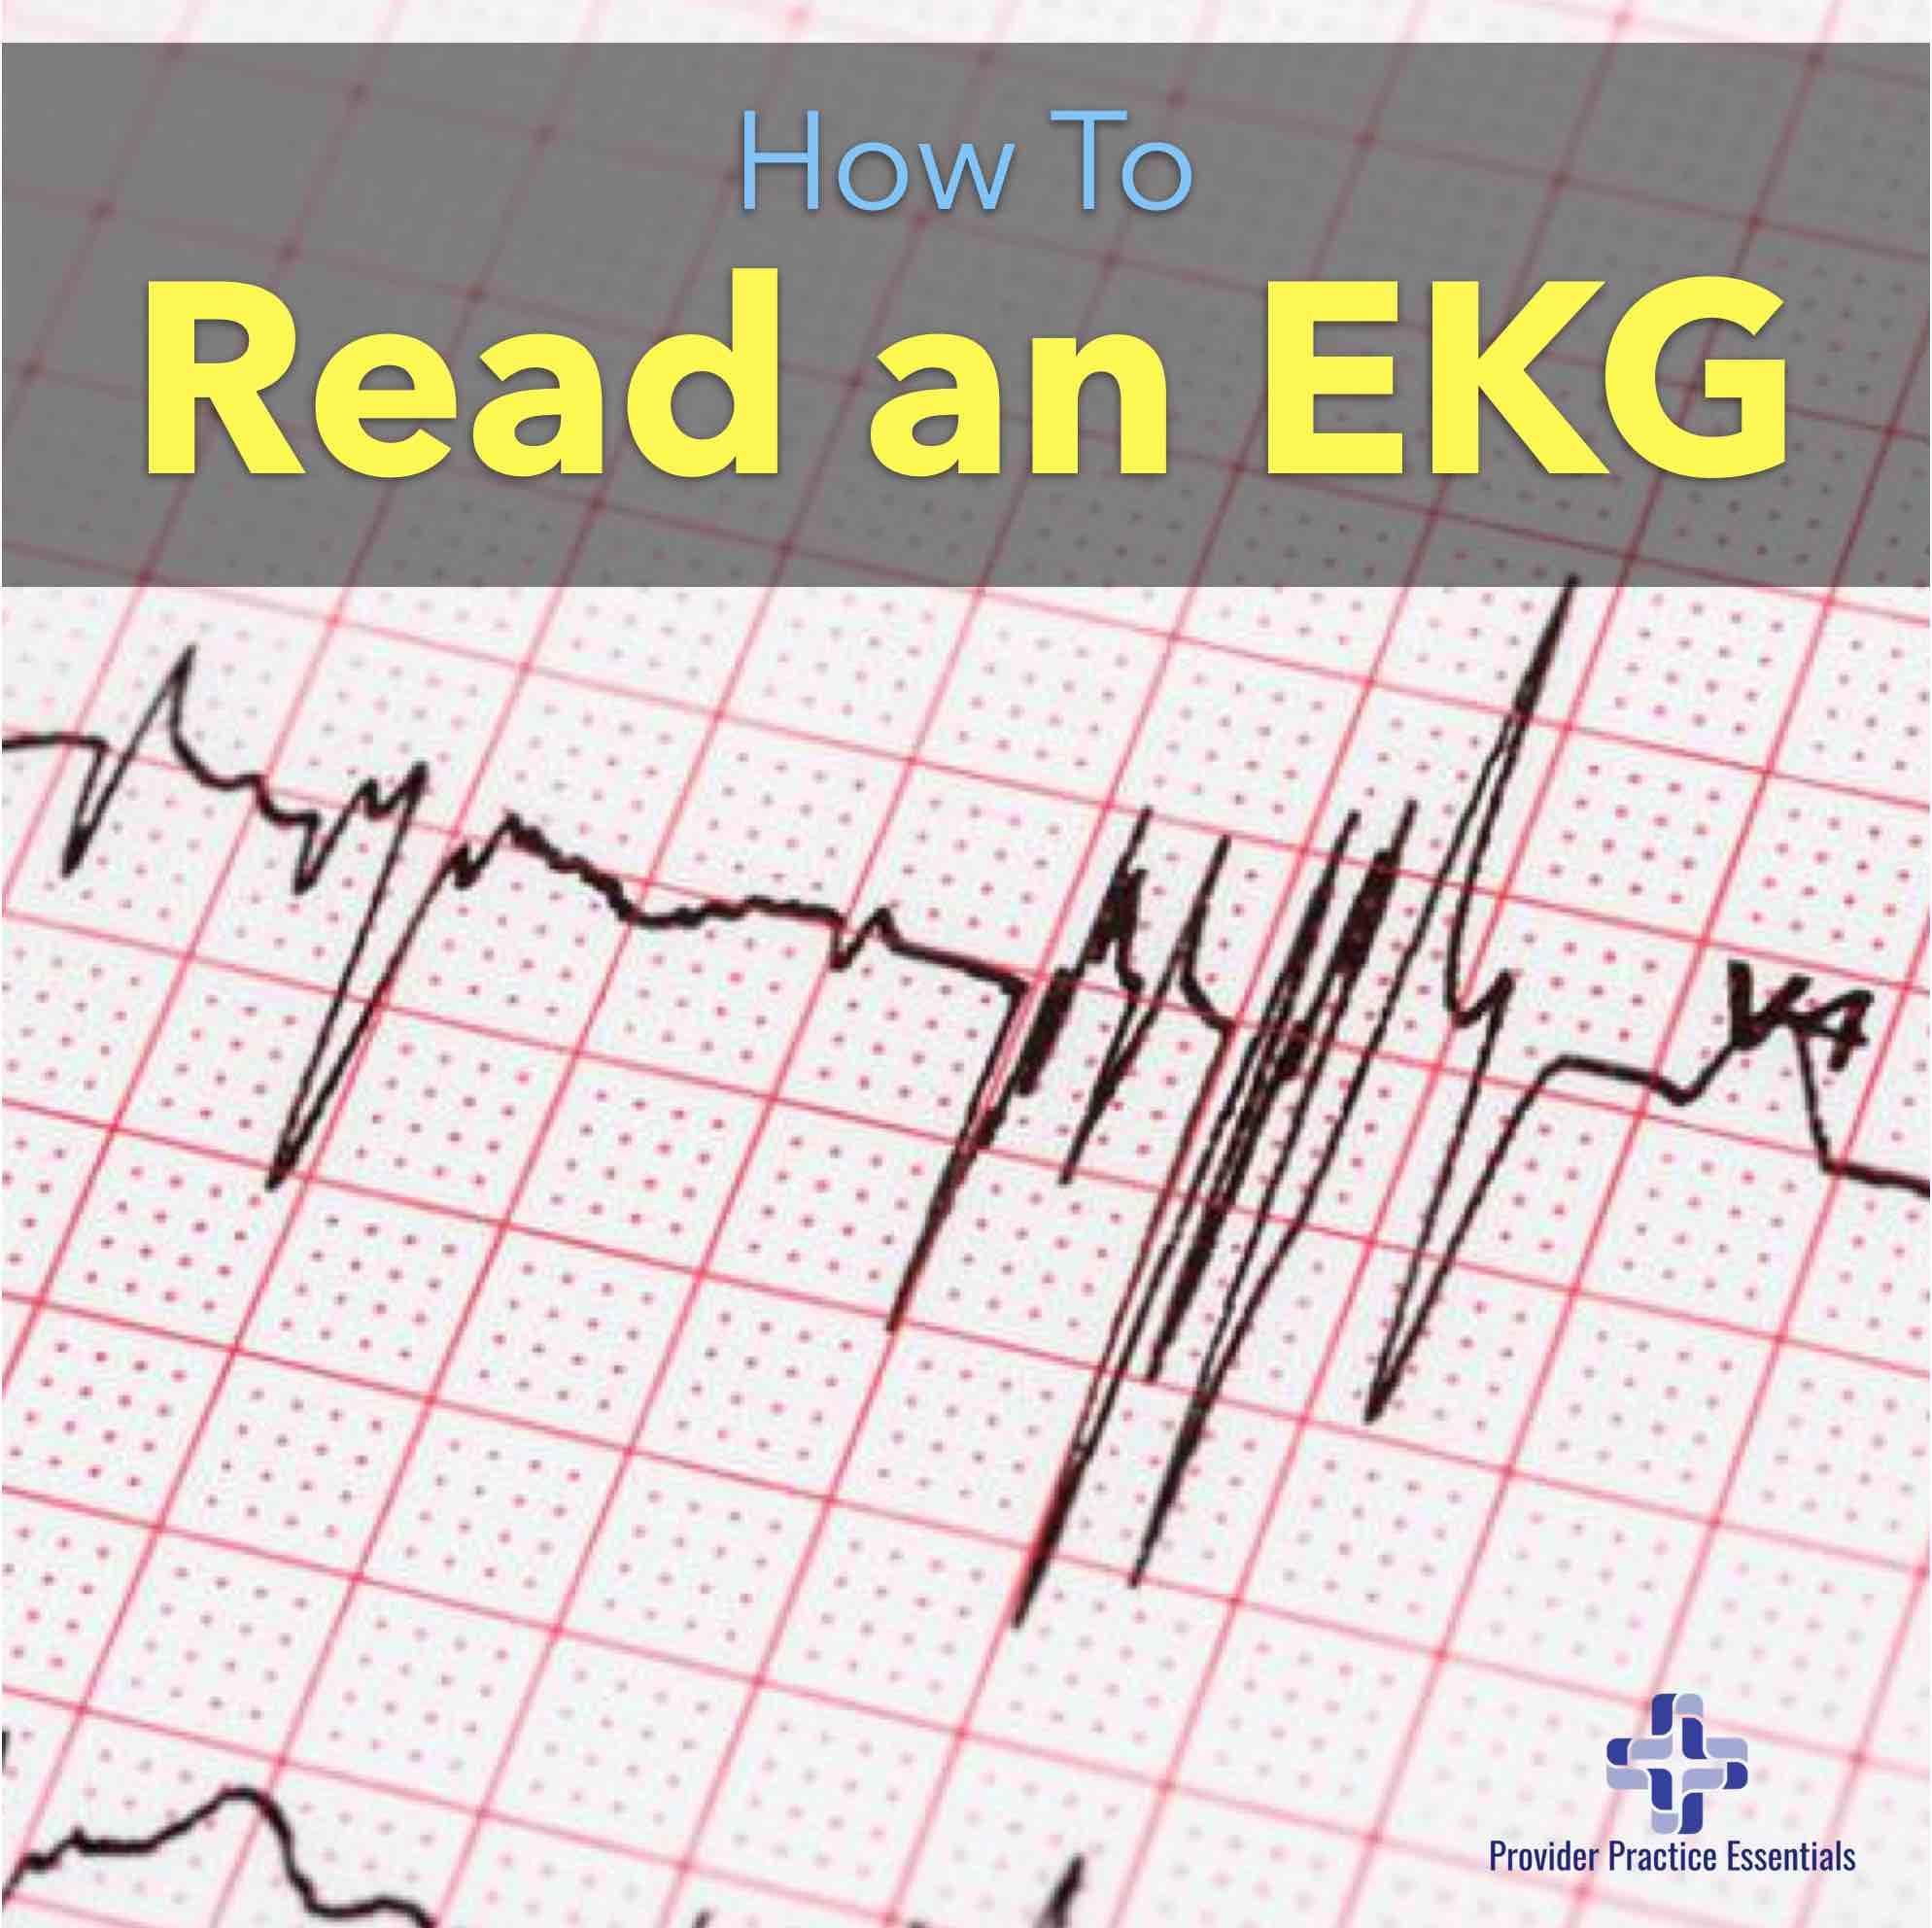 How to Read an EKG